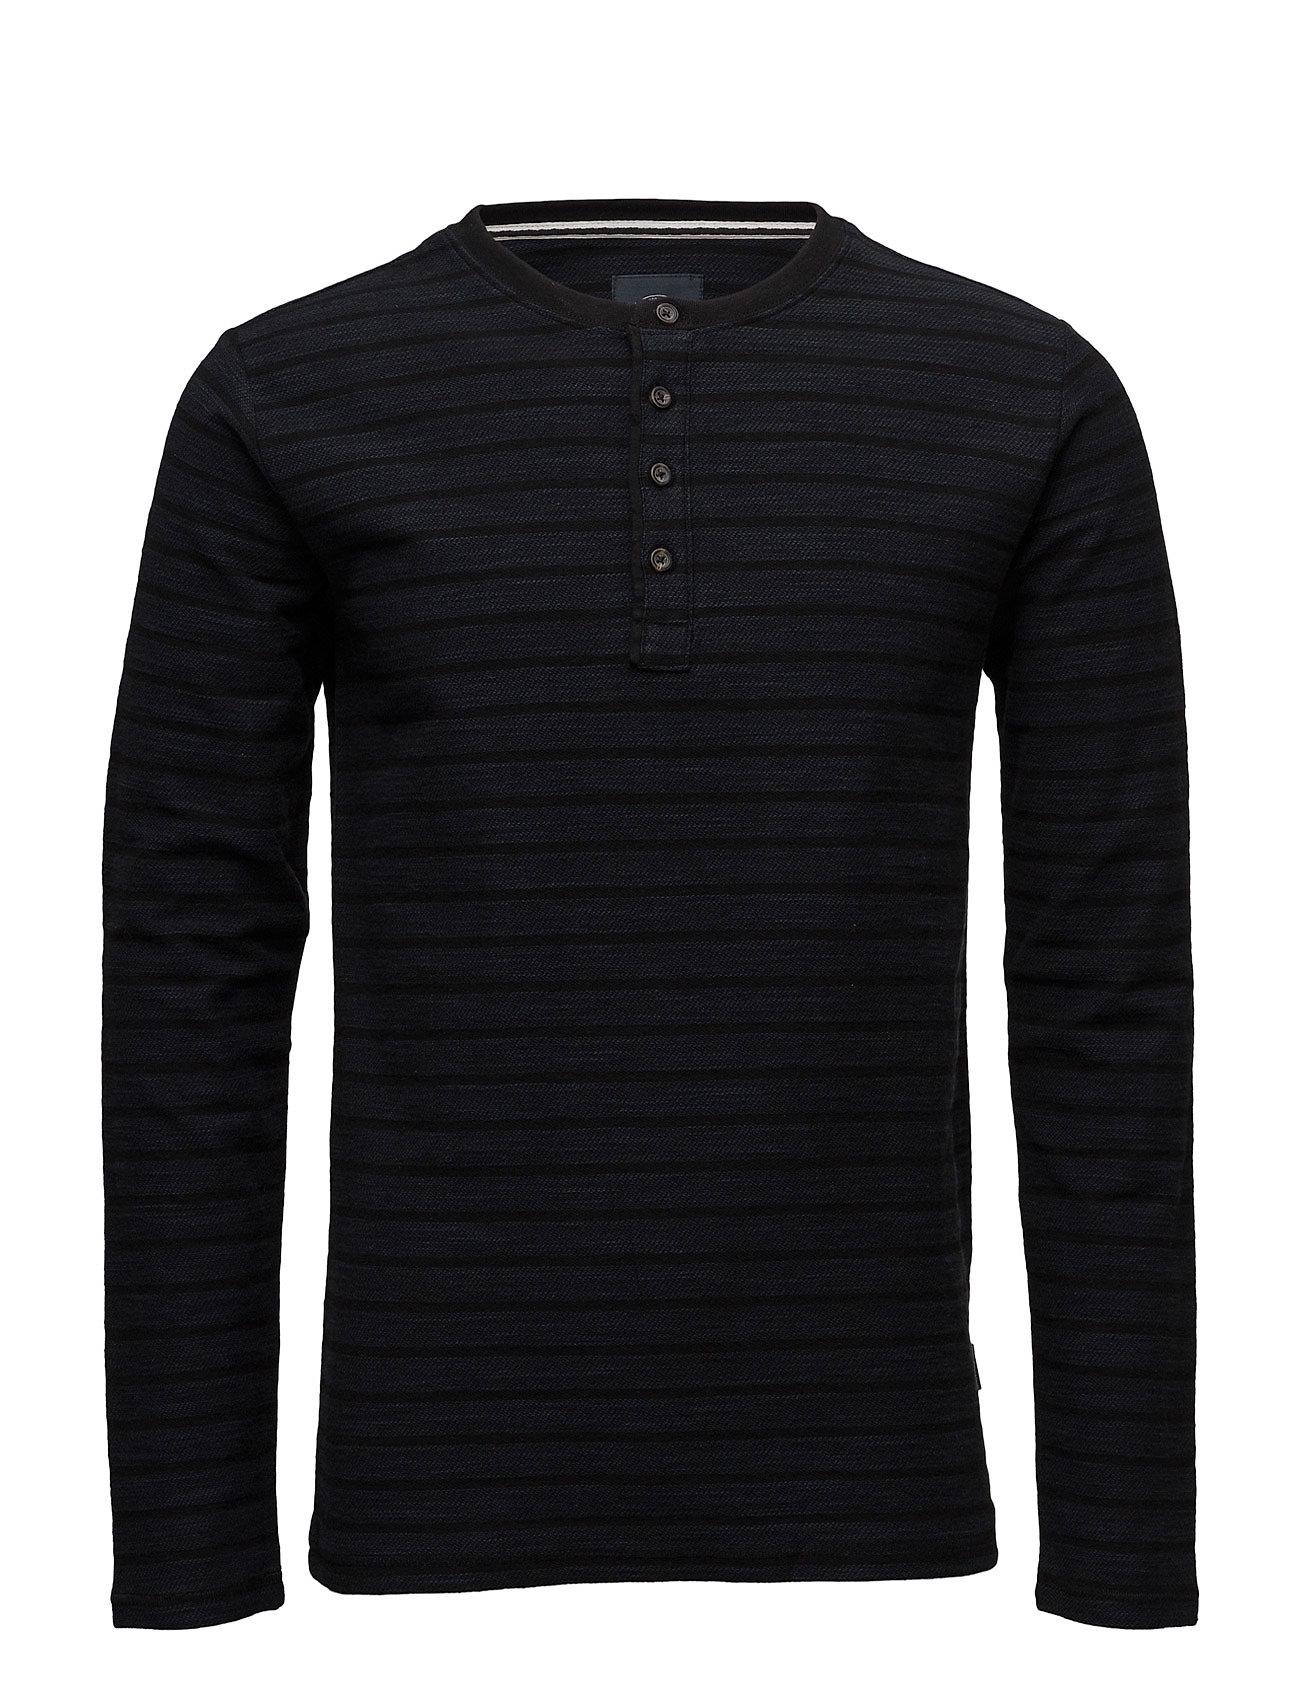 Stripedgranddadl/S Lindbergh T-shirts til Mænd i dk Blå